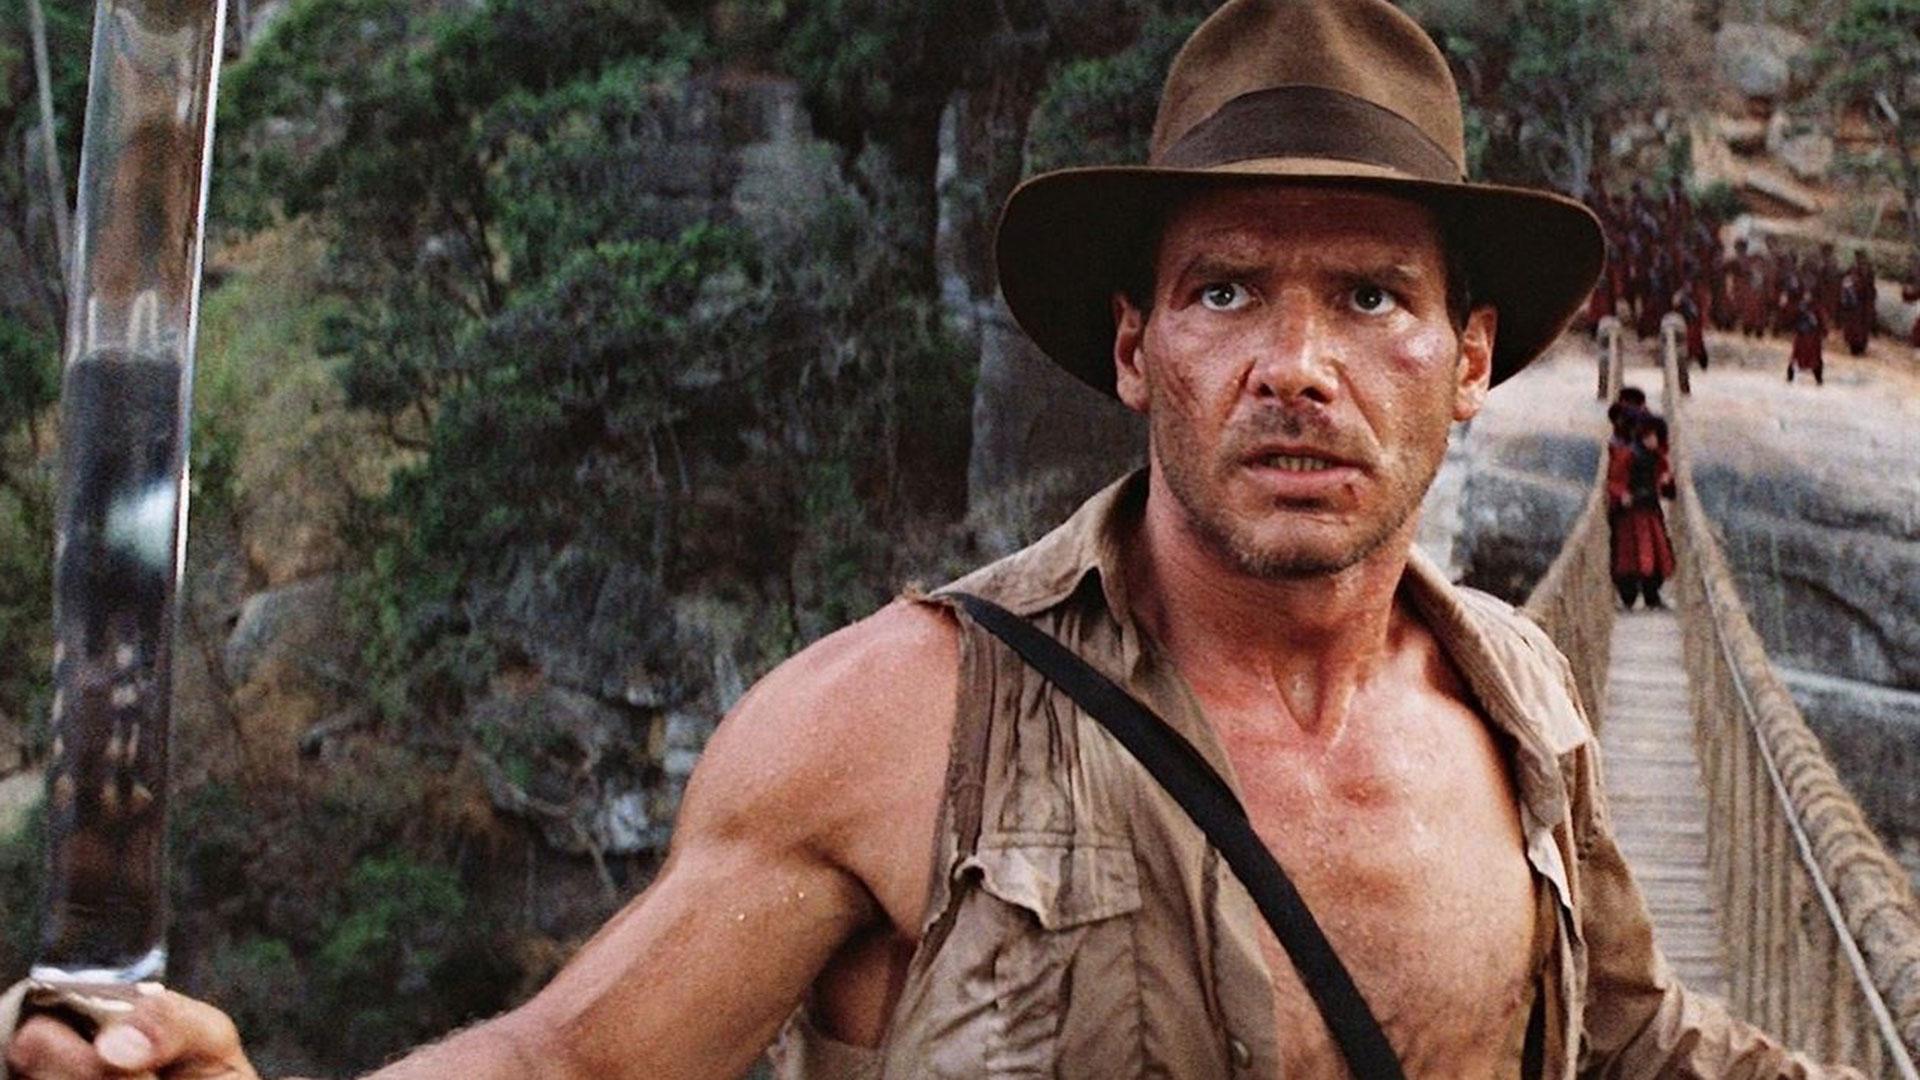 Harrison Ford cumplirá 79 años en julio del 2021 cuando se supone que salga lanueva versión de la saga (Indiana Jones)